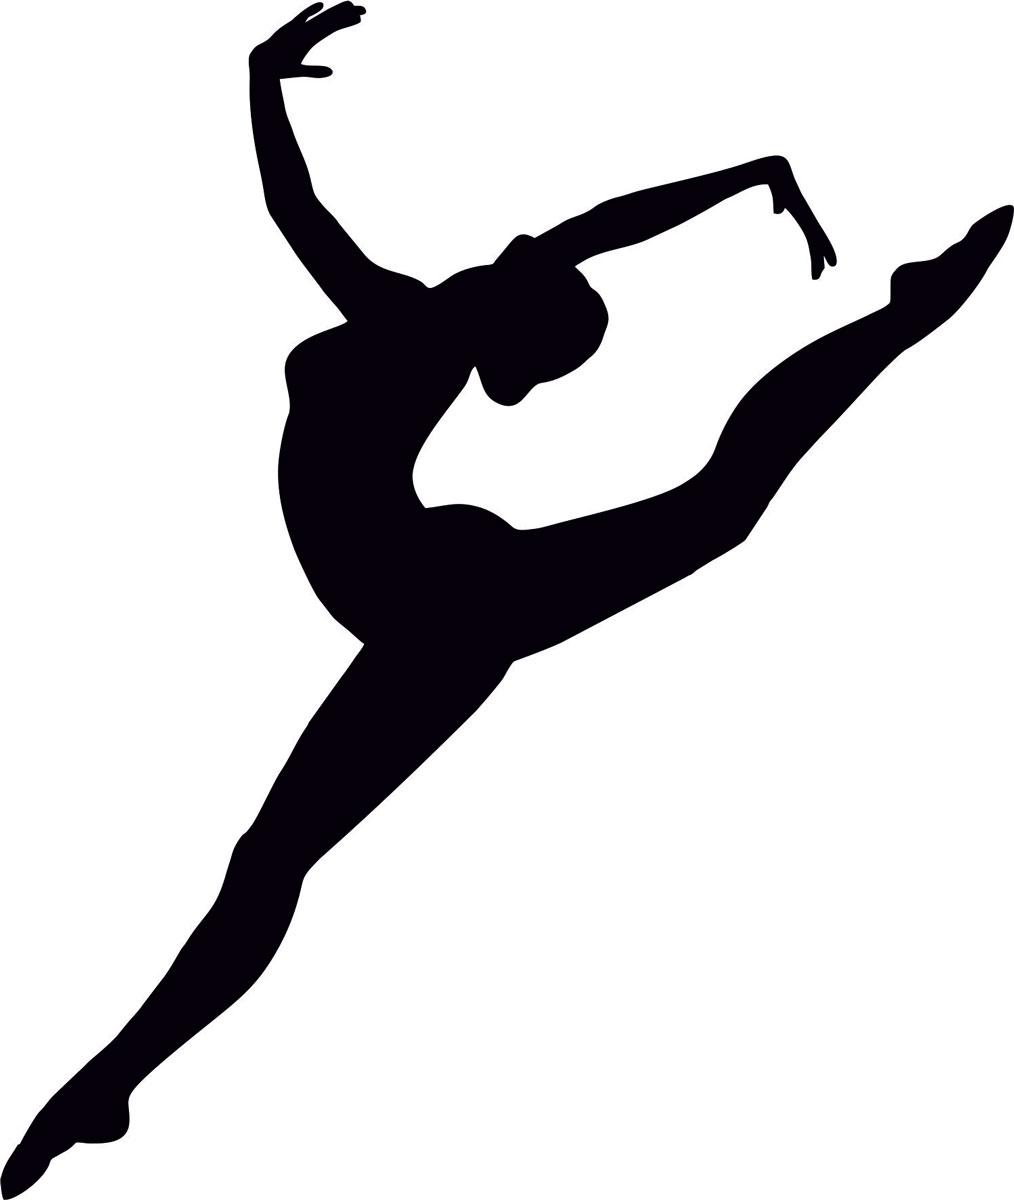 Наклейка автомобильная Оранжевый слоник Балерина, виниловая, цвет: черный